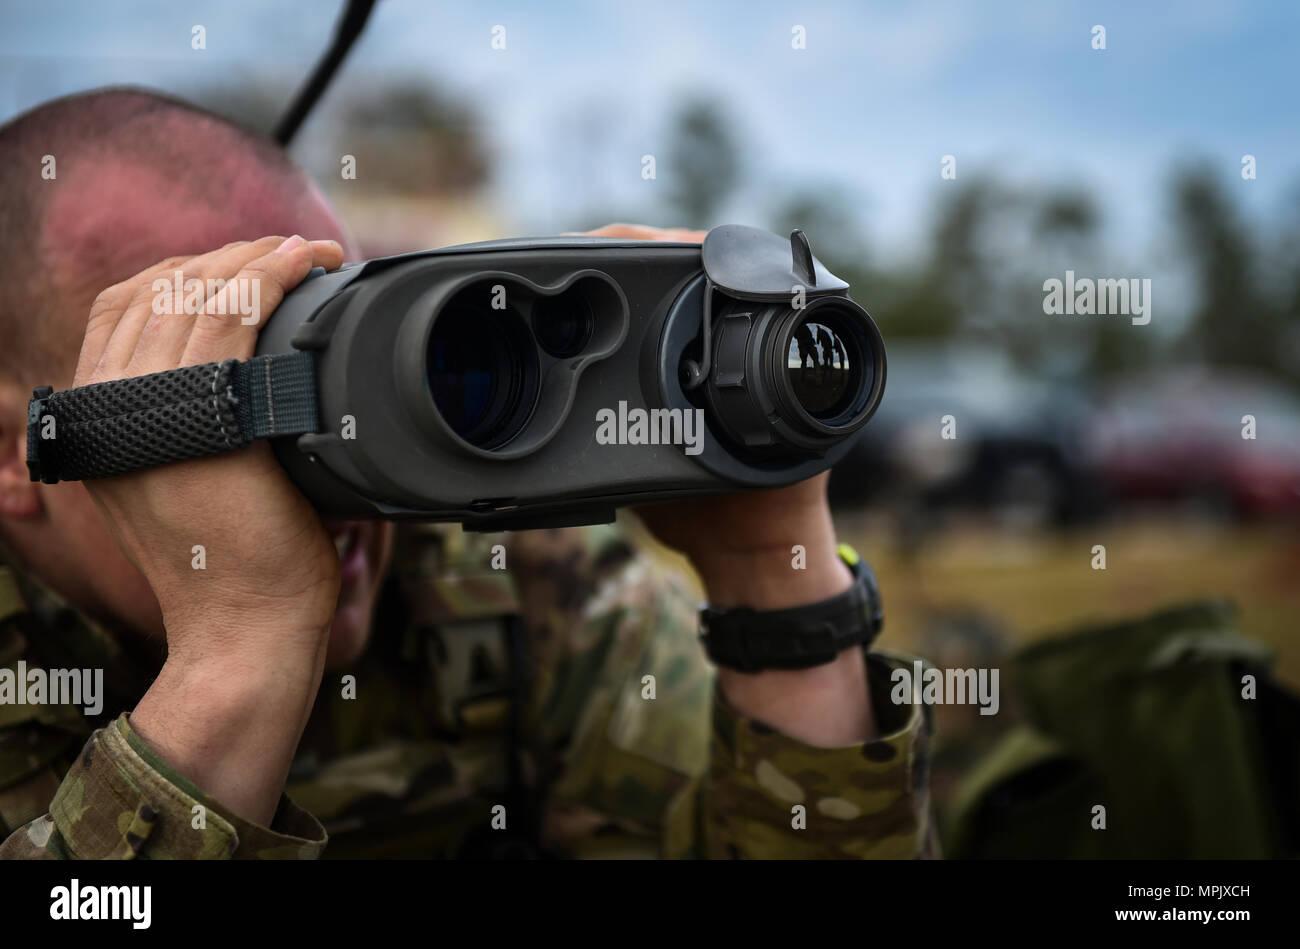 Laser rangefinder stockfotos & laser rangefinder bilder alamy